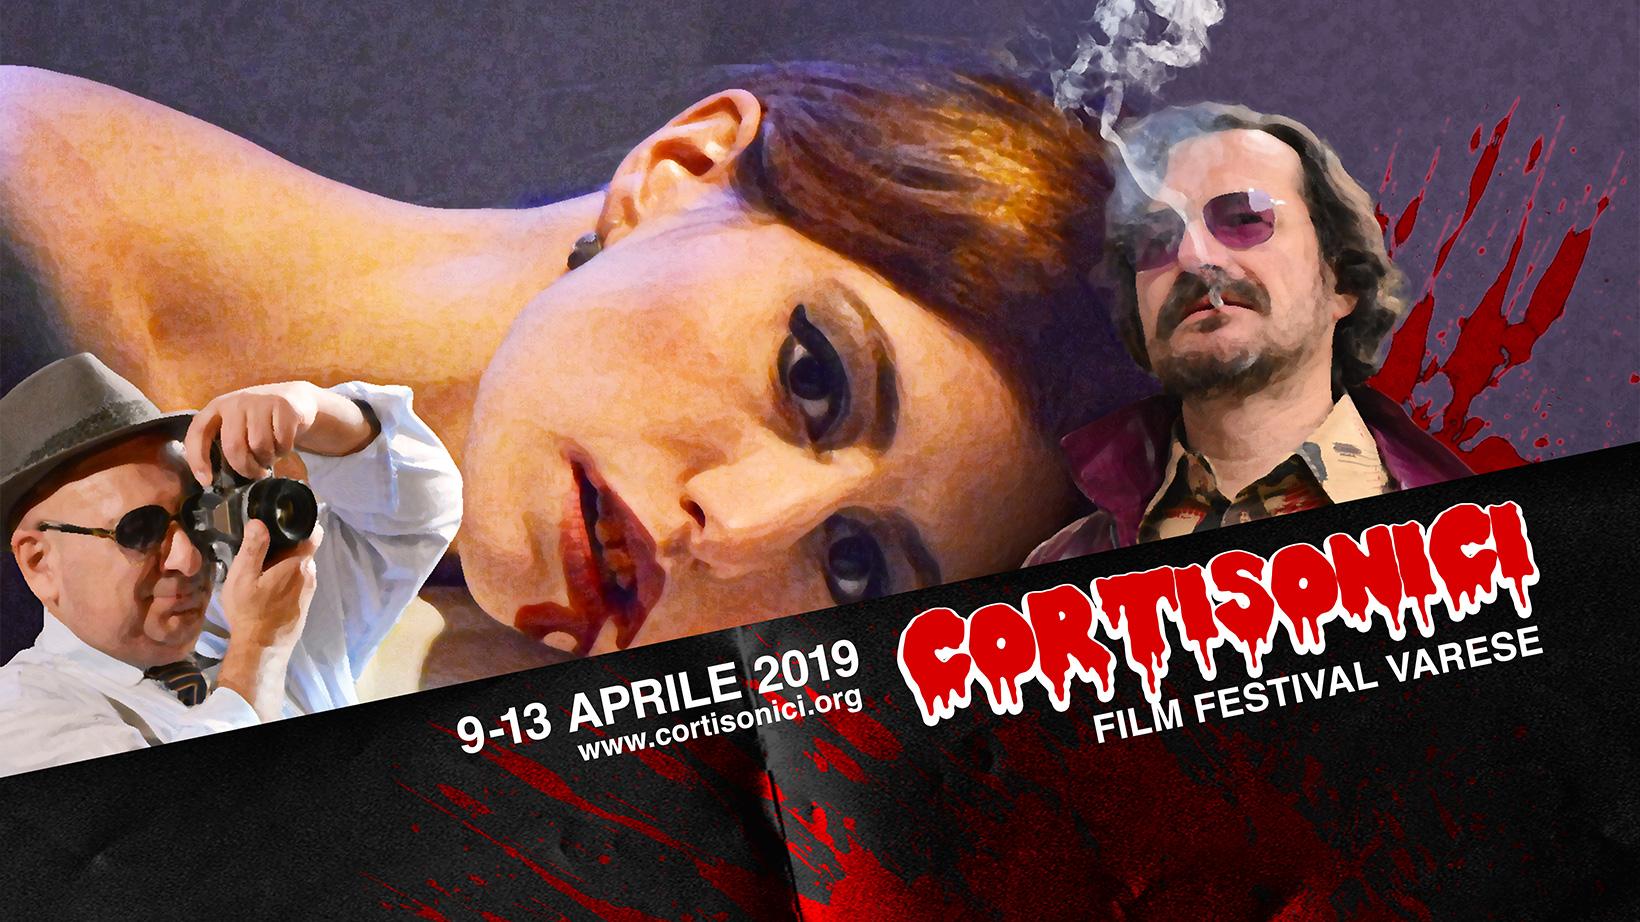 Cortisonici, un festival da paura! -Vulcano Statale